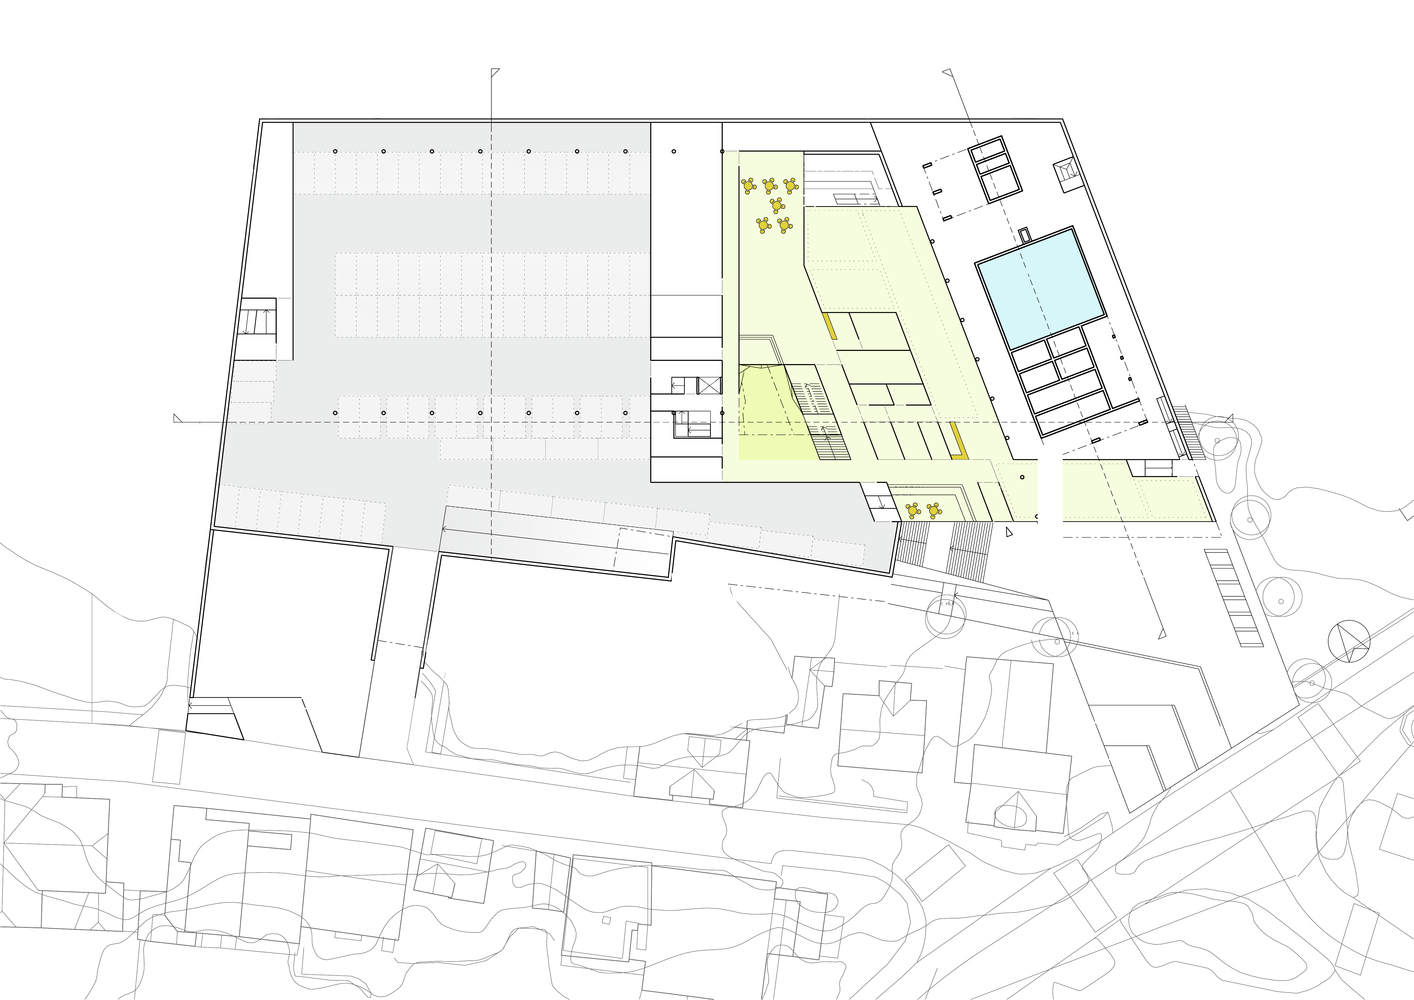 gallery of arena ulstein proposal lund slaatto amp nils tveit 16 arena ulstein proposal lund slaatto amp nils tveit plan 03